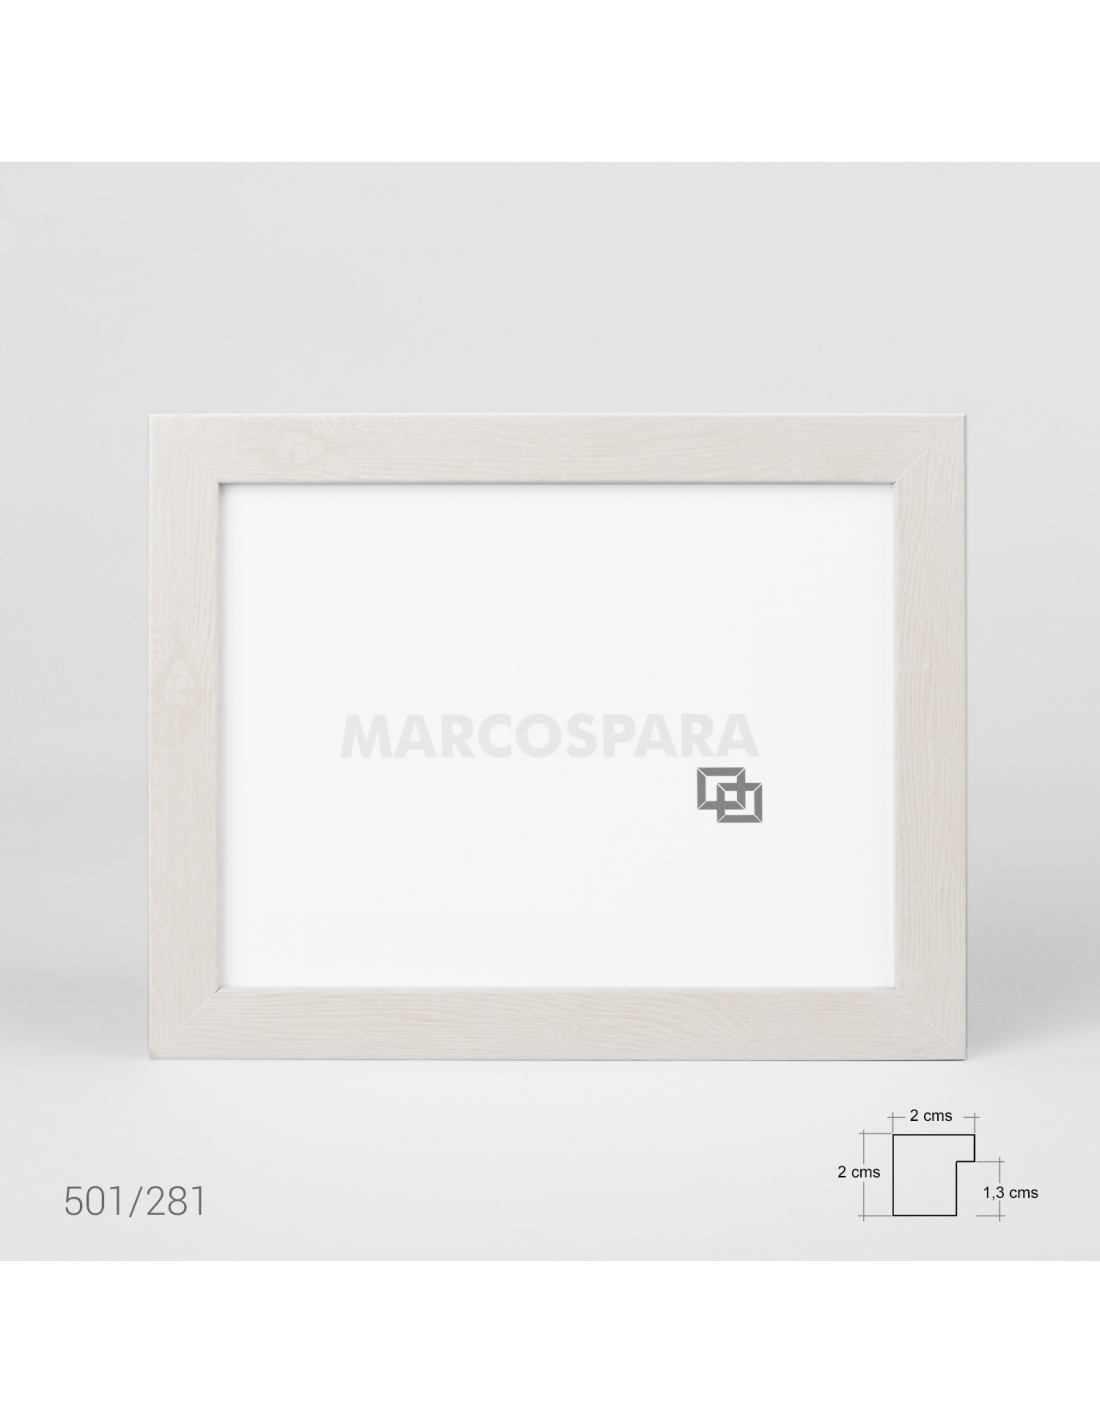 Marcos de madera para Fotos M501